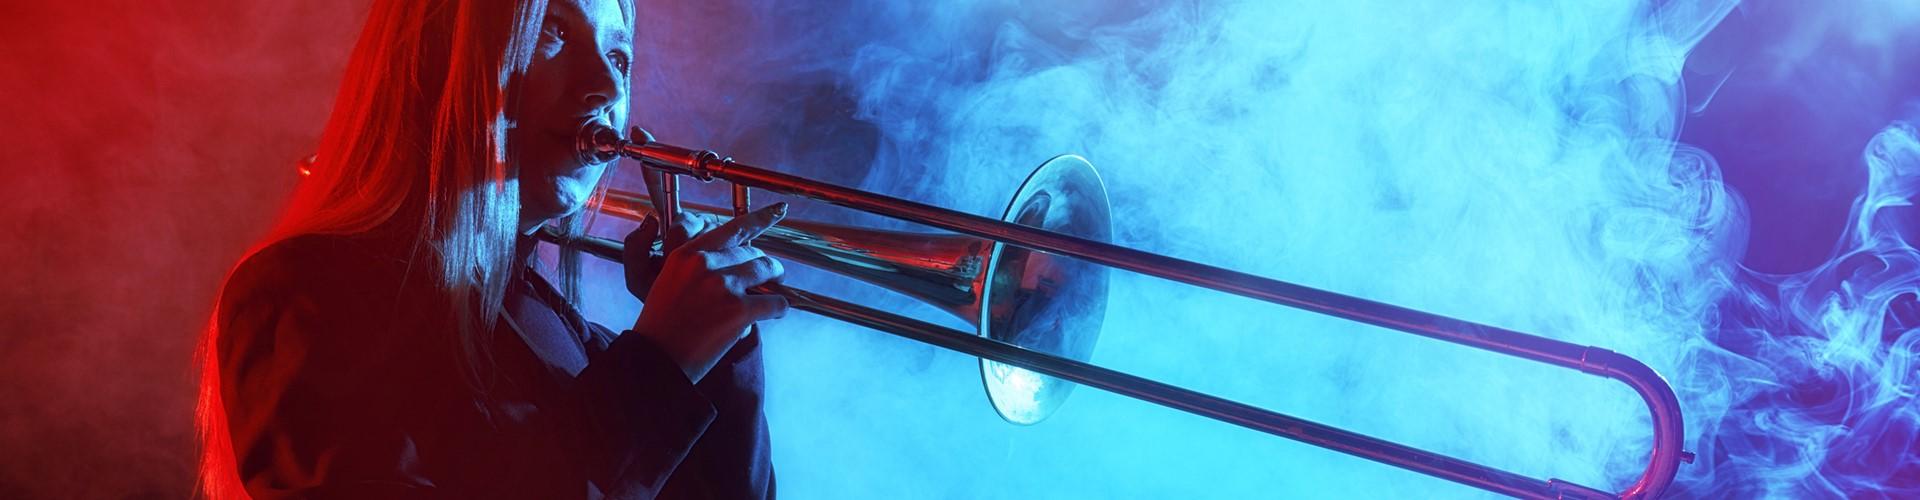 Learn Trombone, Trombone lessons